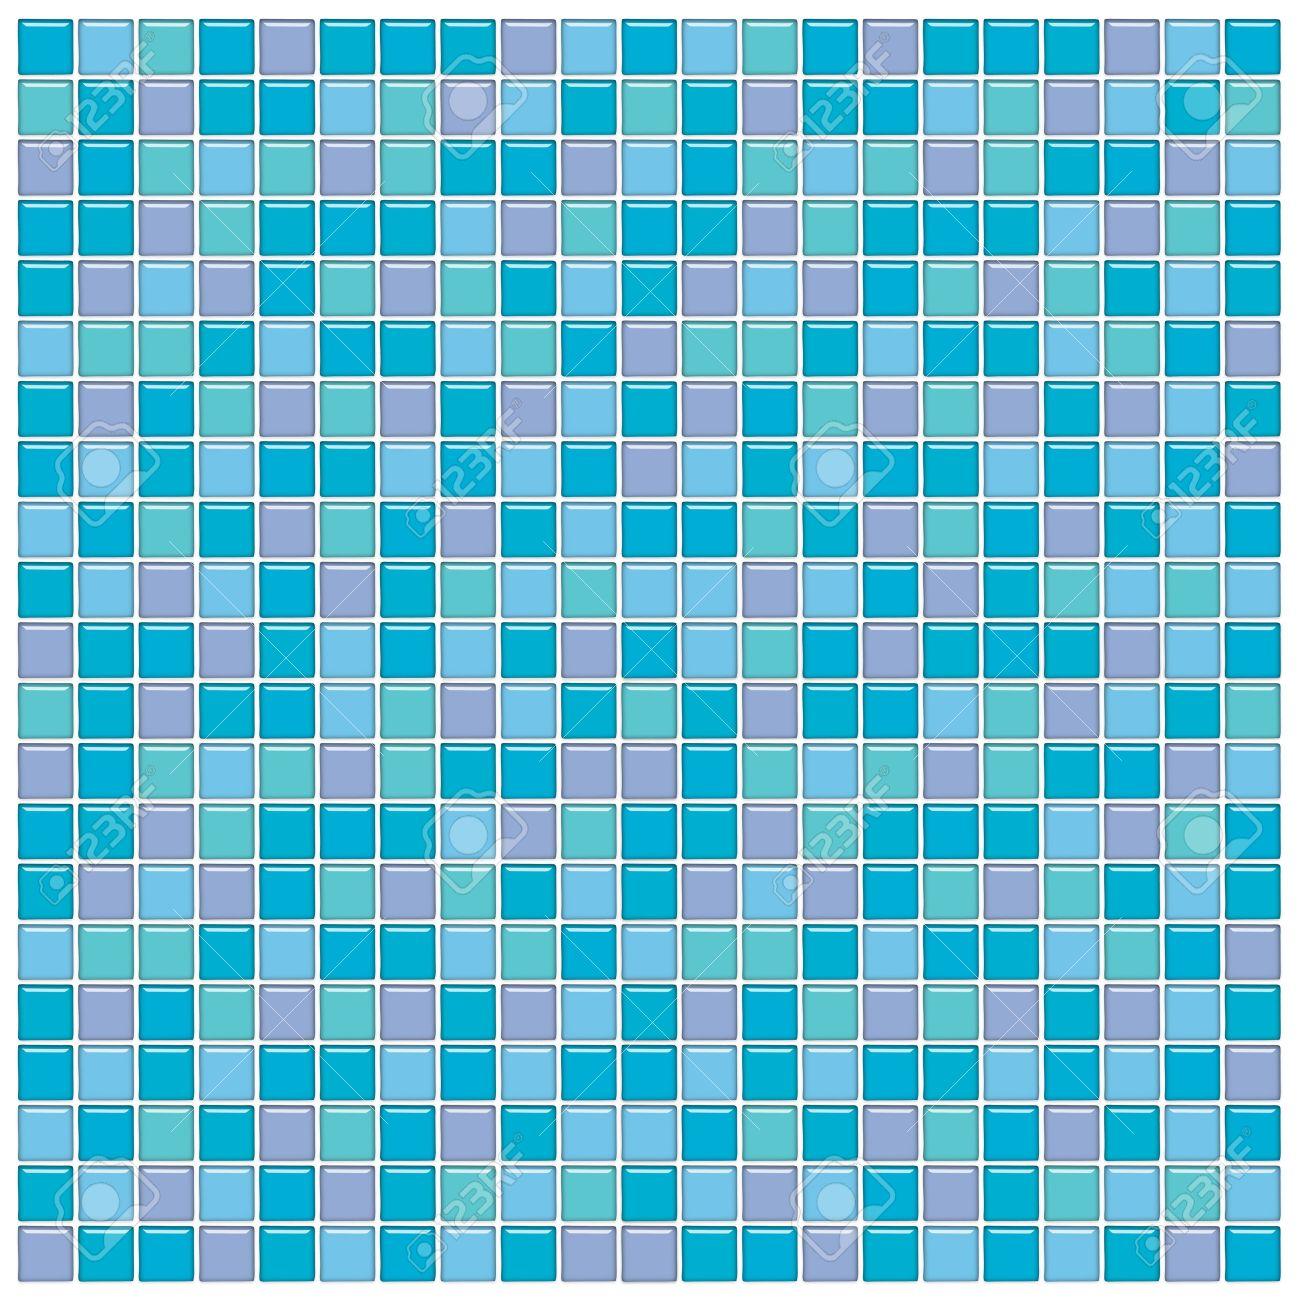 Standard Bild   Wand Des Badezimmers Mit Blau, Grün Und Lila Glas Mosaik  Fliesen